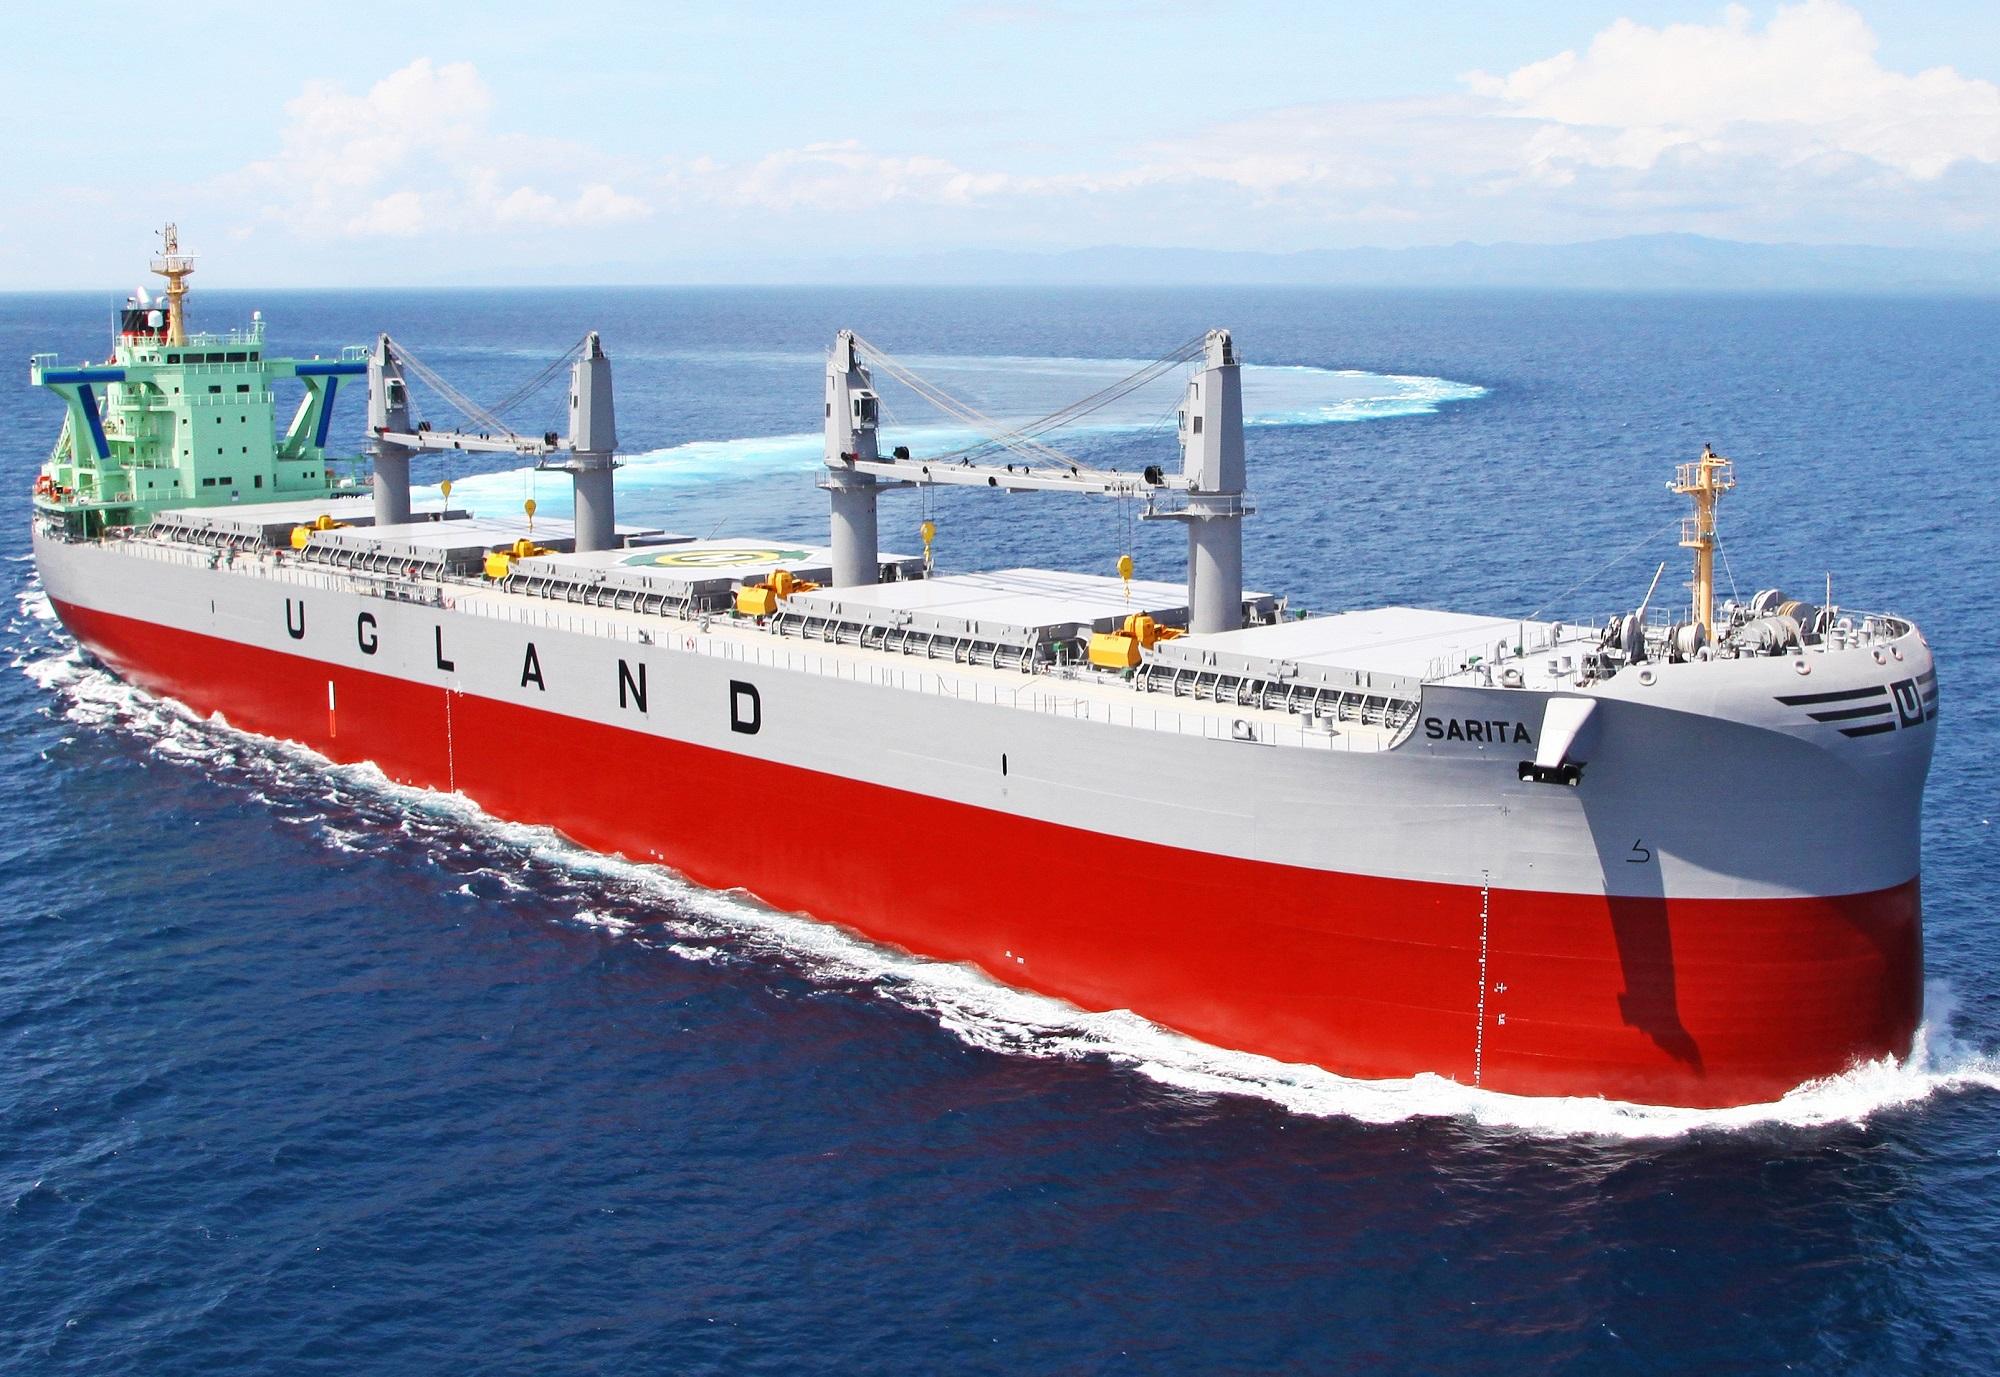 """常石造船のロングセラー""""TESS""""シリーズが累計500隻竣工を達成! ~30年にわたり進化を続けるエコシップ~"""